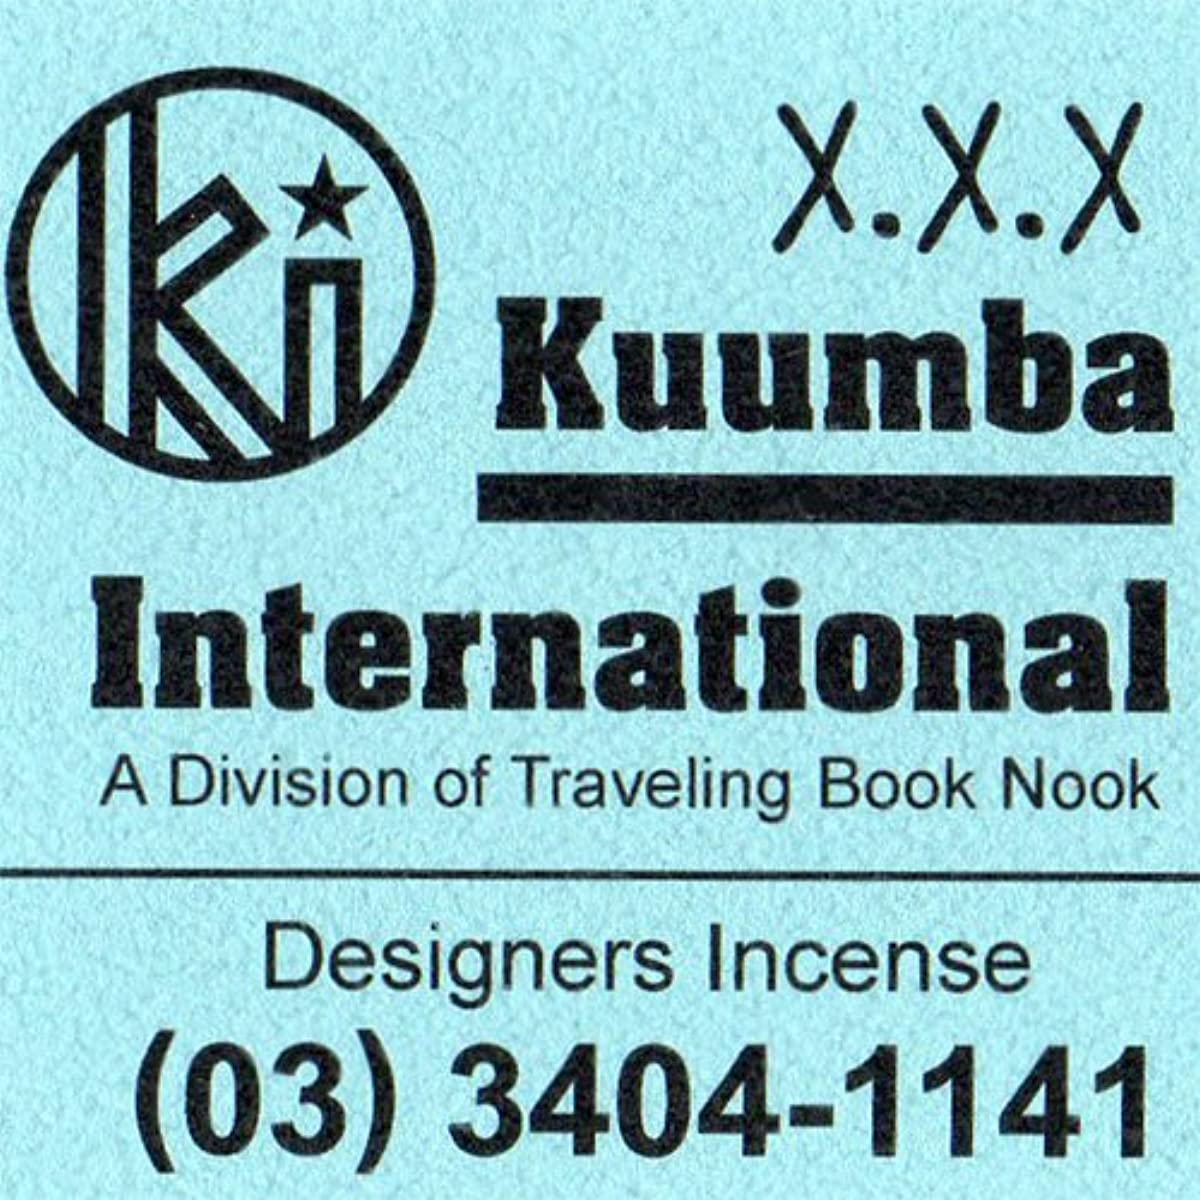 ゴミ箱を空にするゲートおとなしいKUUMBA/クンバ『incense』(X.X.X) (Regular size)